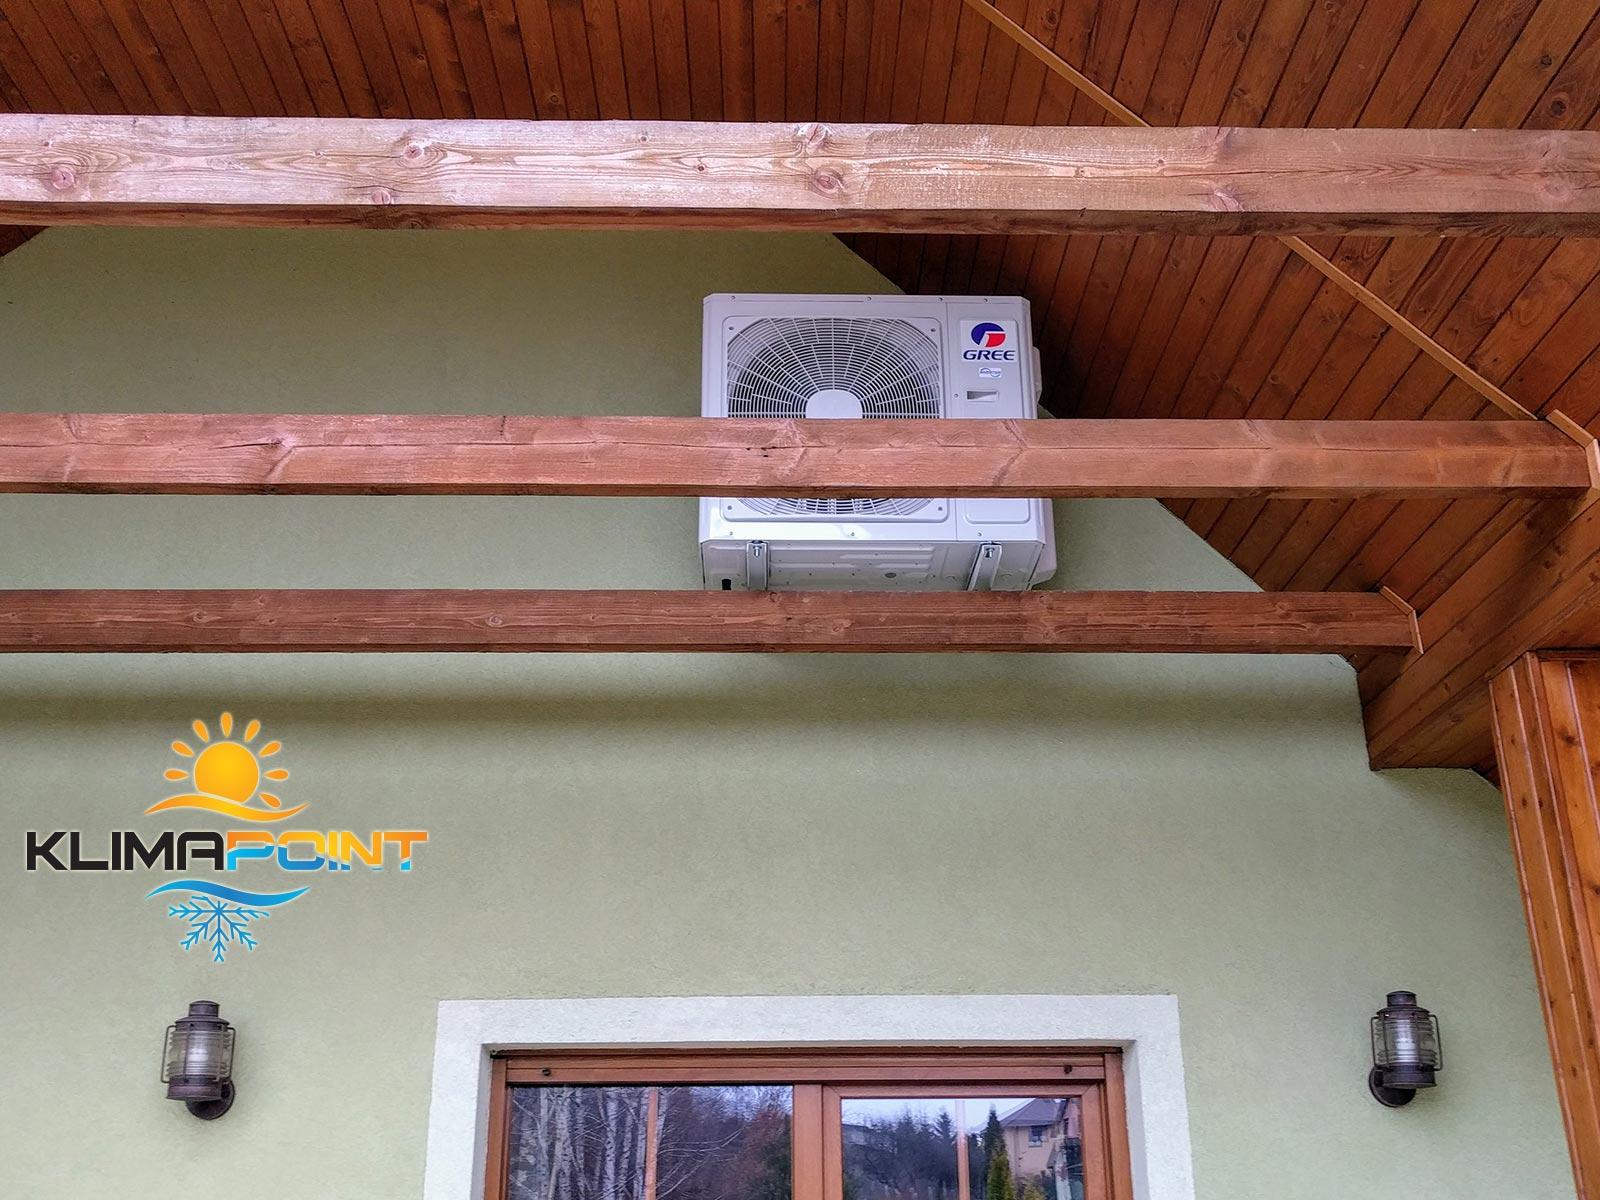 Jednostka zewnętrzna klimatyzatora GREE na elewacji z instalacją na poddaszu